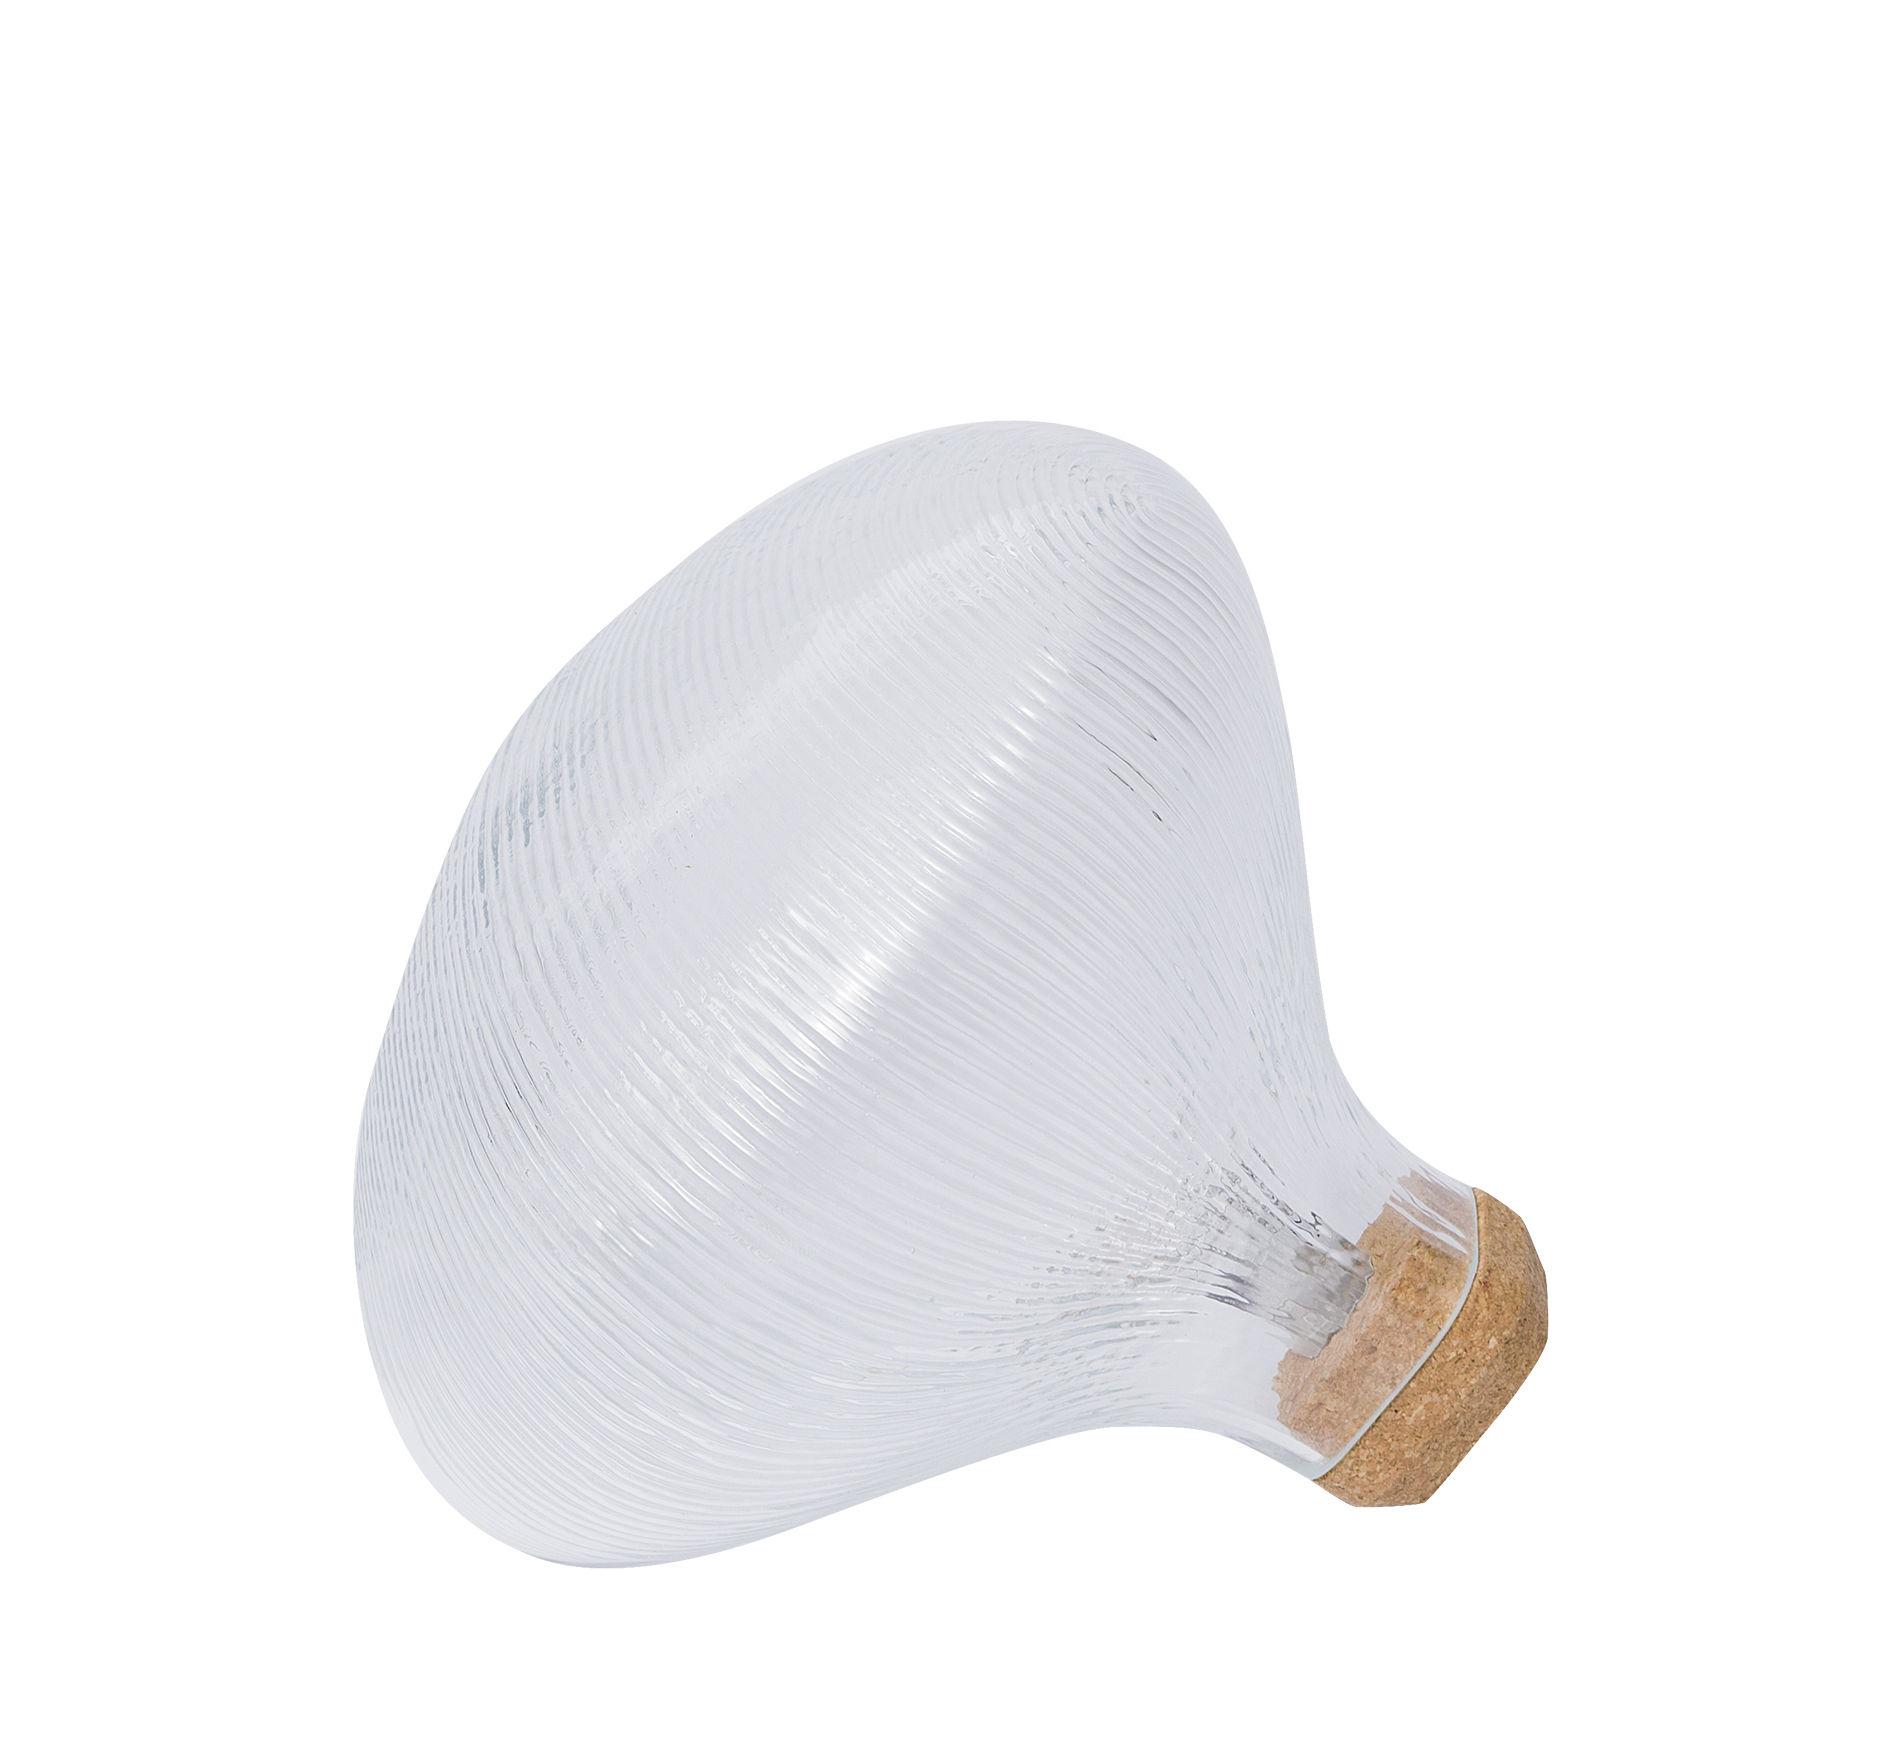 Luminaire - Lampes de table - Lampe de table Tidelight - Petite Friture - Transparent - Liège, Verre soufflé